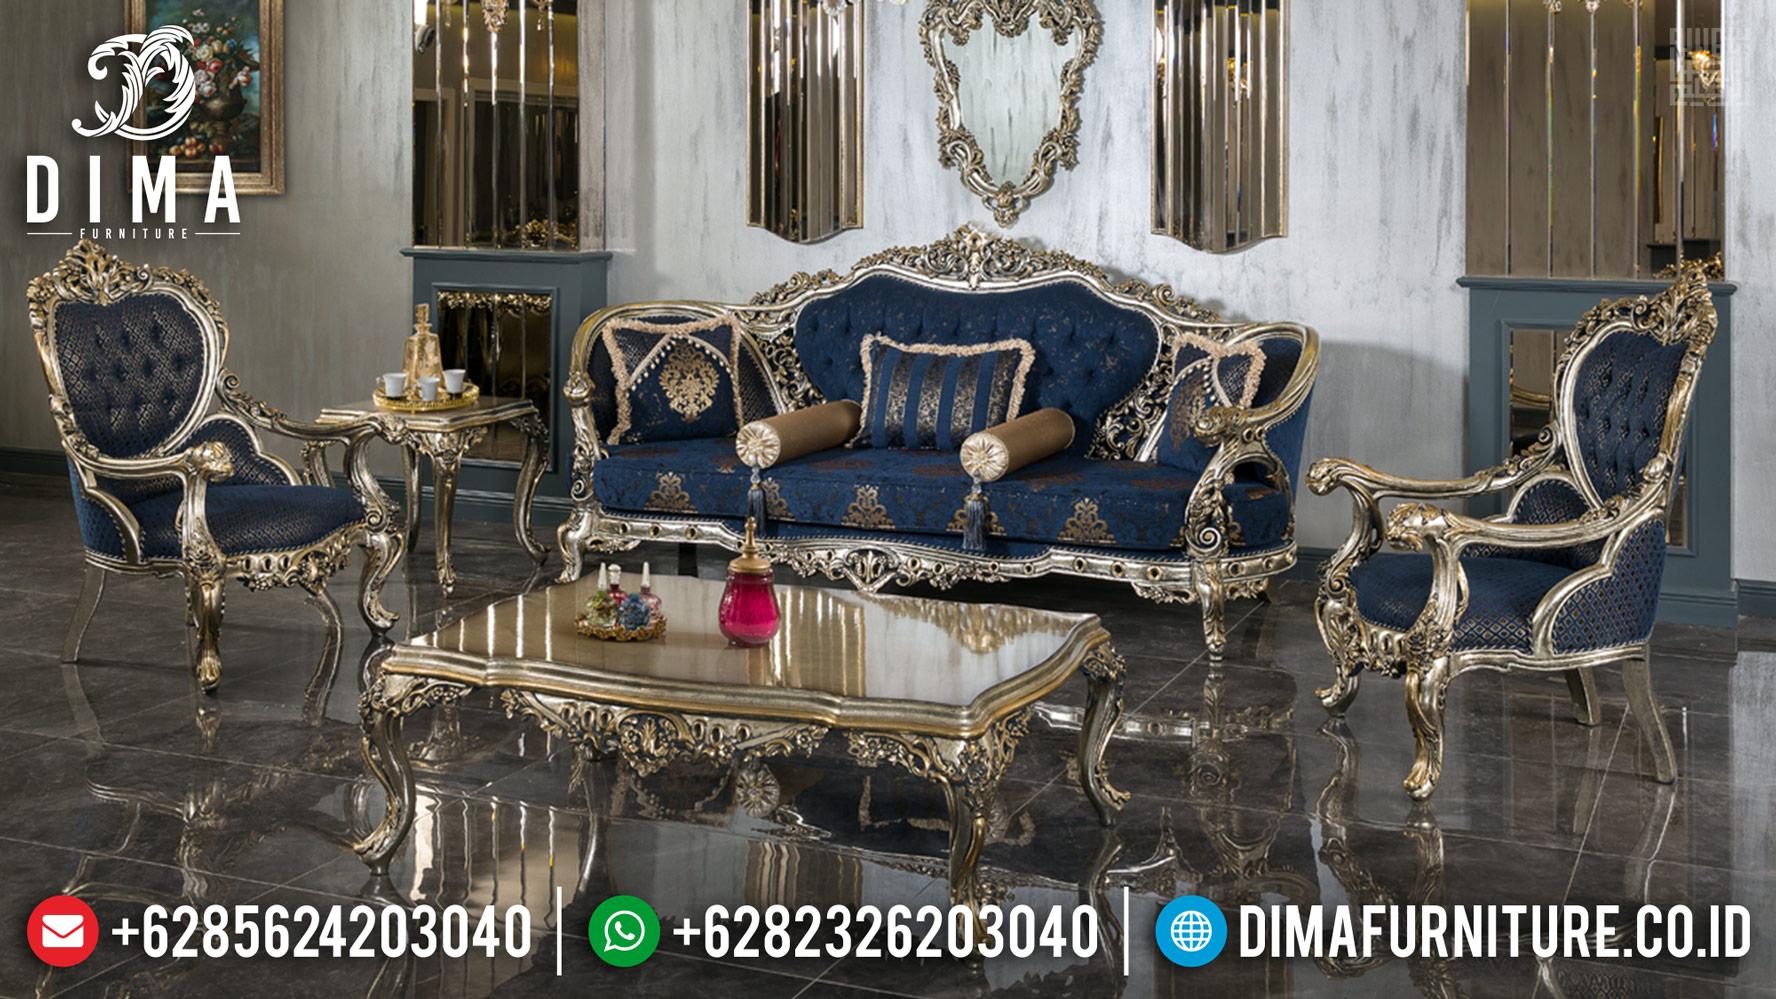 Jual Sofa Tamu Mewah Golden Champagne New Design Luxury Carving Jepara MMJ-0442